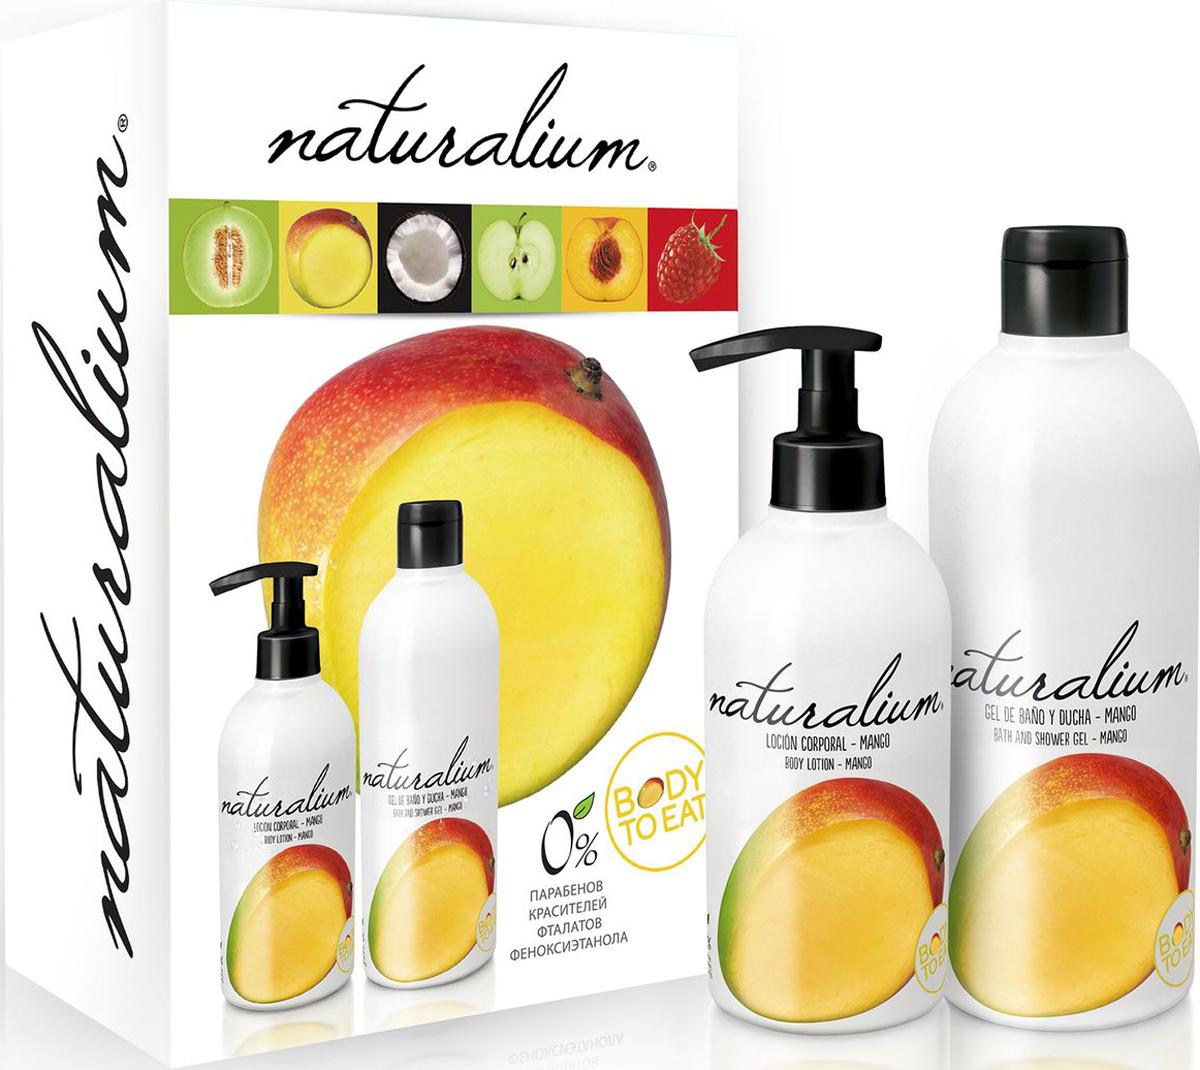 Naturalium Дуо Набор Манго (гель для душа, лосьон для тела) naturalium лосьон для тела зеленое яблоко питательный 370 мл